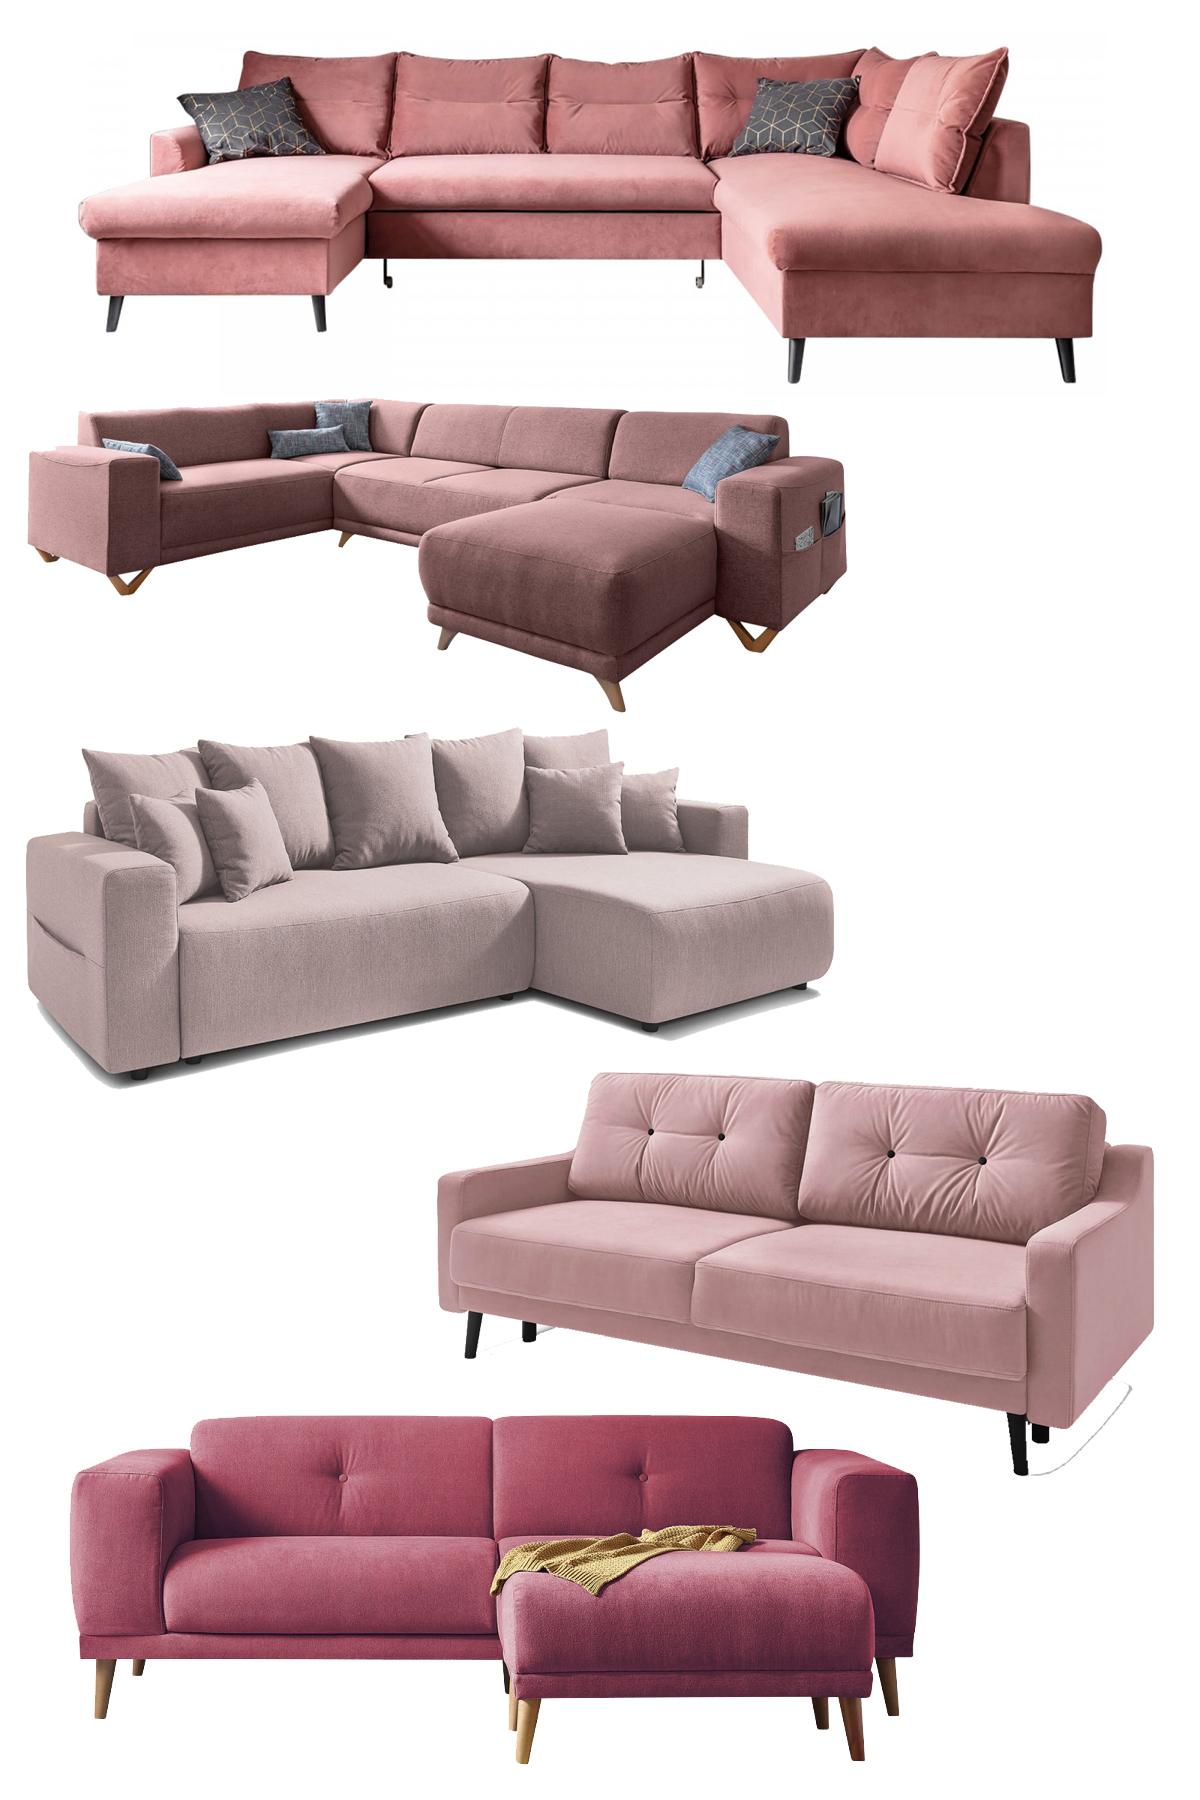 canapé colorama couleur terracotta rose poudré angle convertible design Bobochic